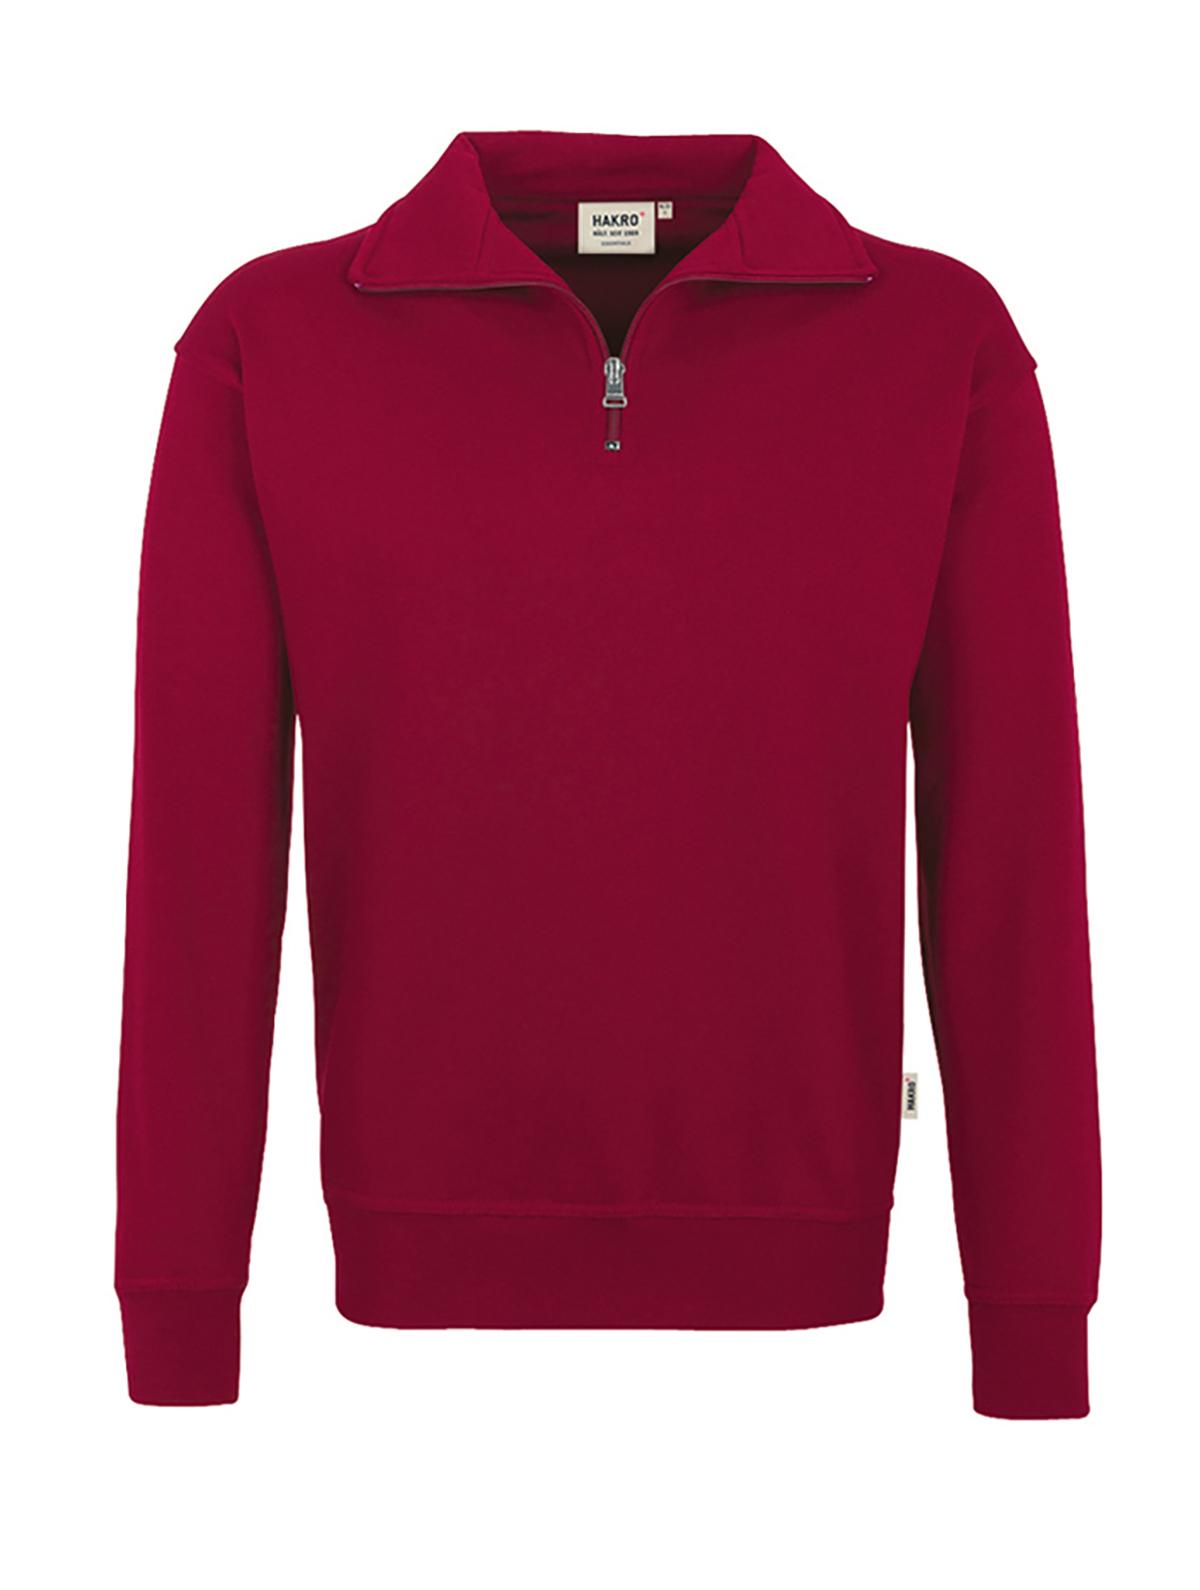 Sweatshirt Zip-Premium